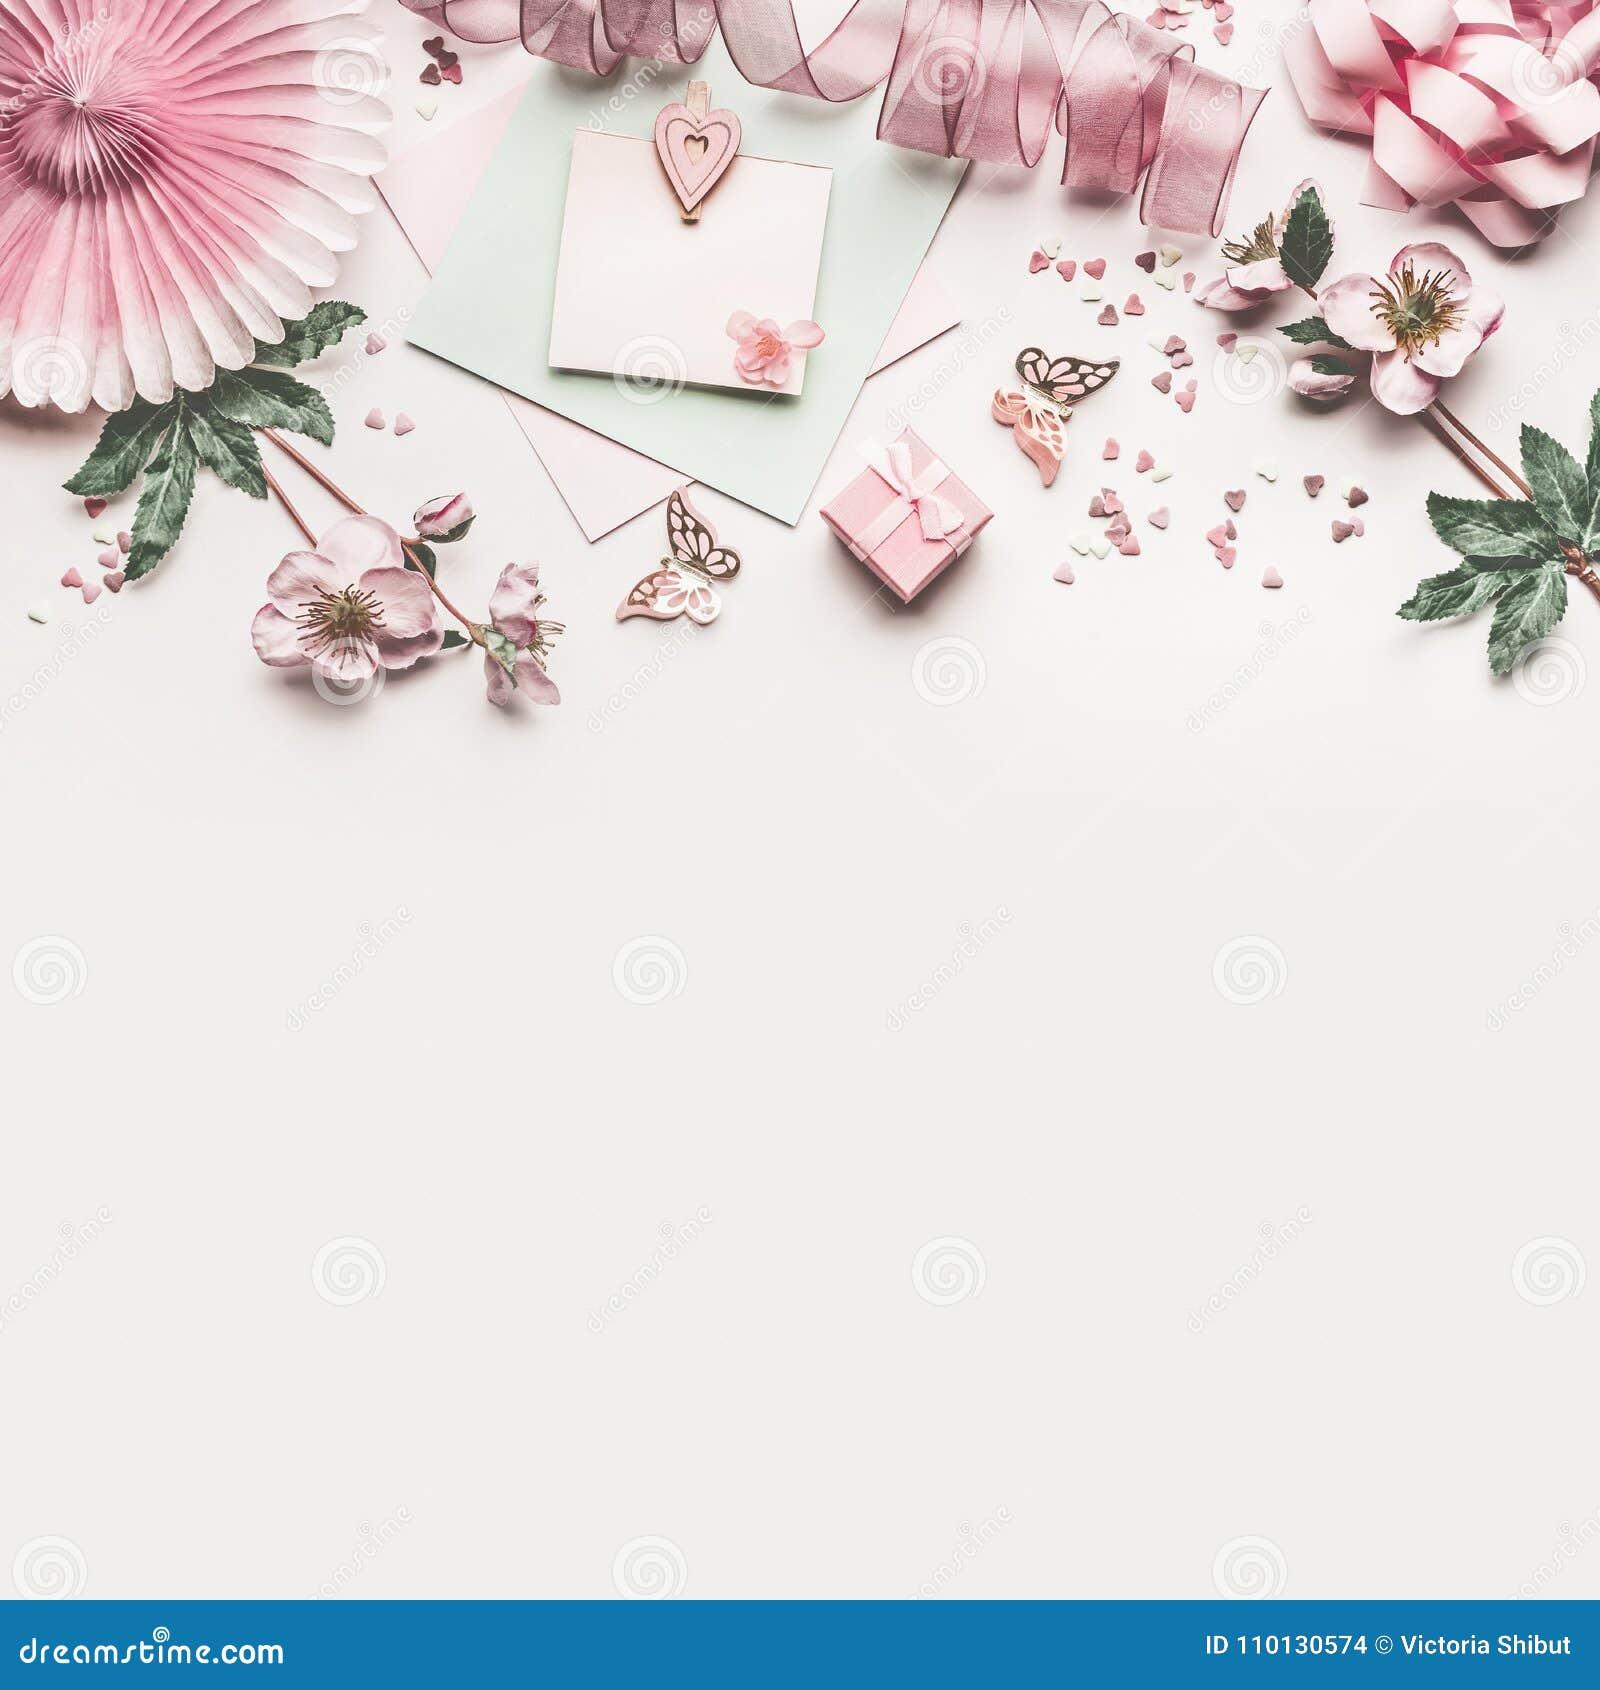 Όμορφο διάστημα εργασίας κρητιδογραφιών ρόδινο με τη διακόσμηση λουλουδιών, την κορδέλλα, τις καρδιές, το τόξο και τη χλεύη καρτώ